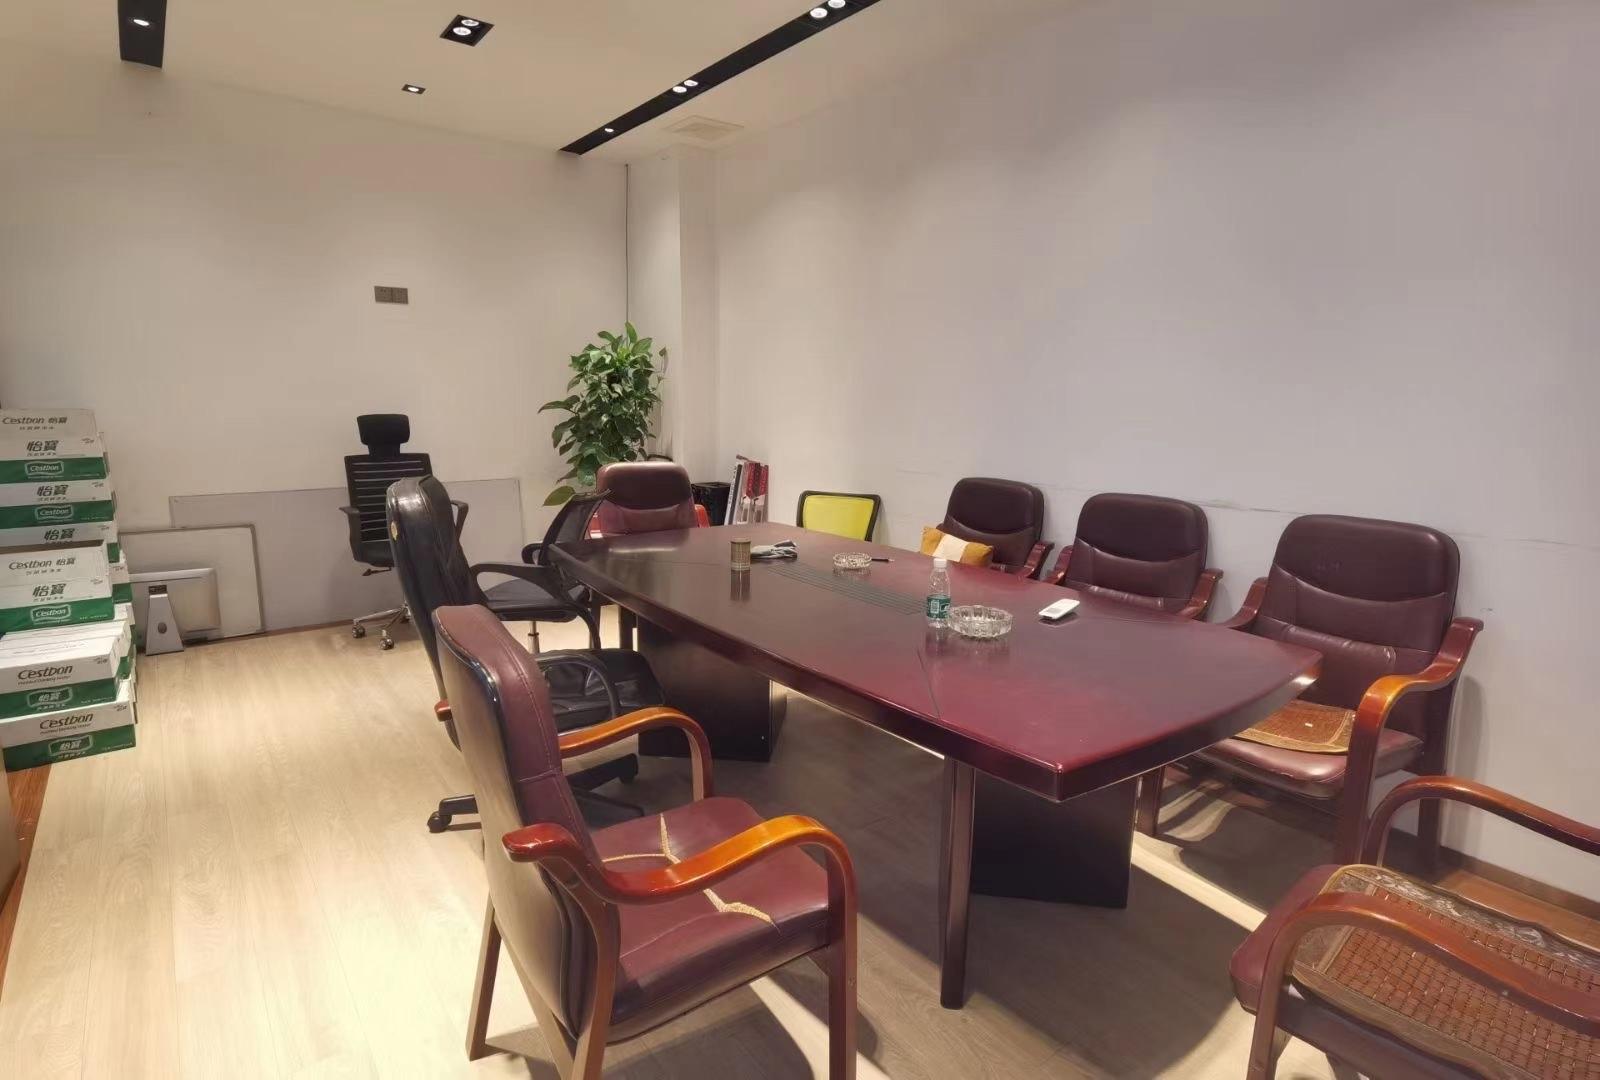 坪山创新广场新出精装办公场地850平,前台、办公室、仓库齐全